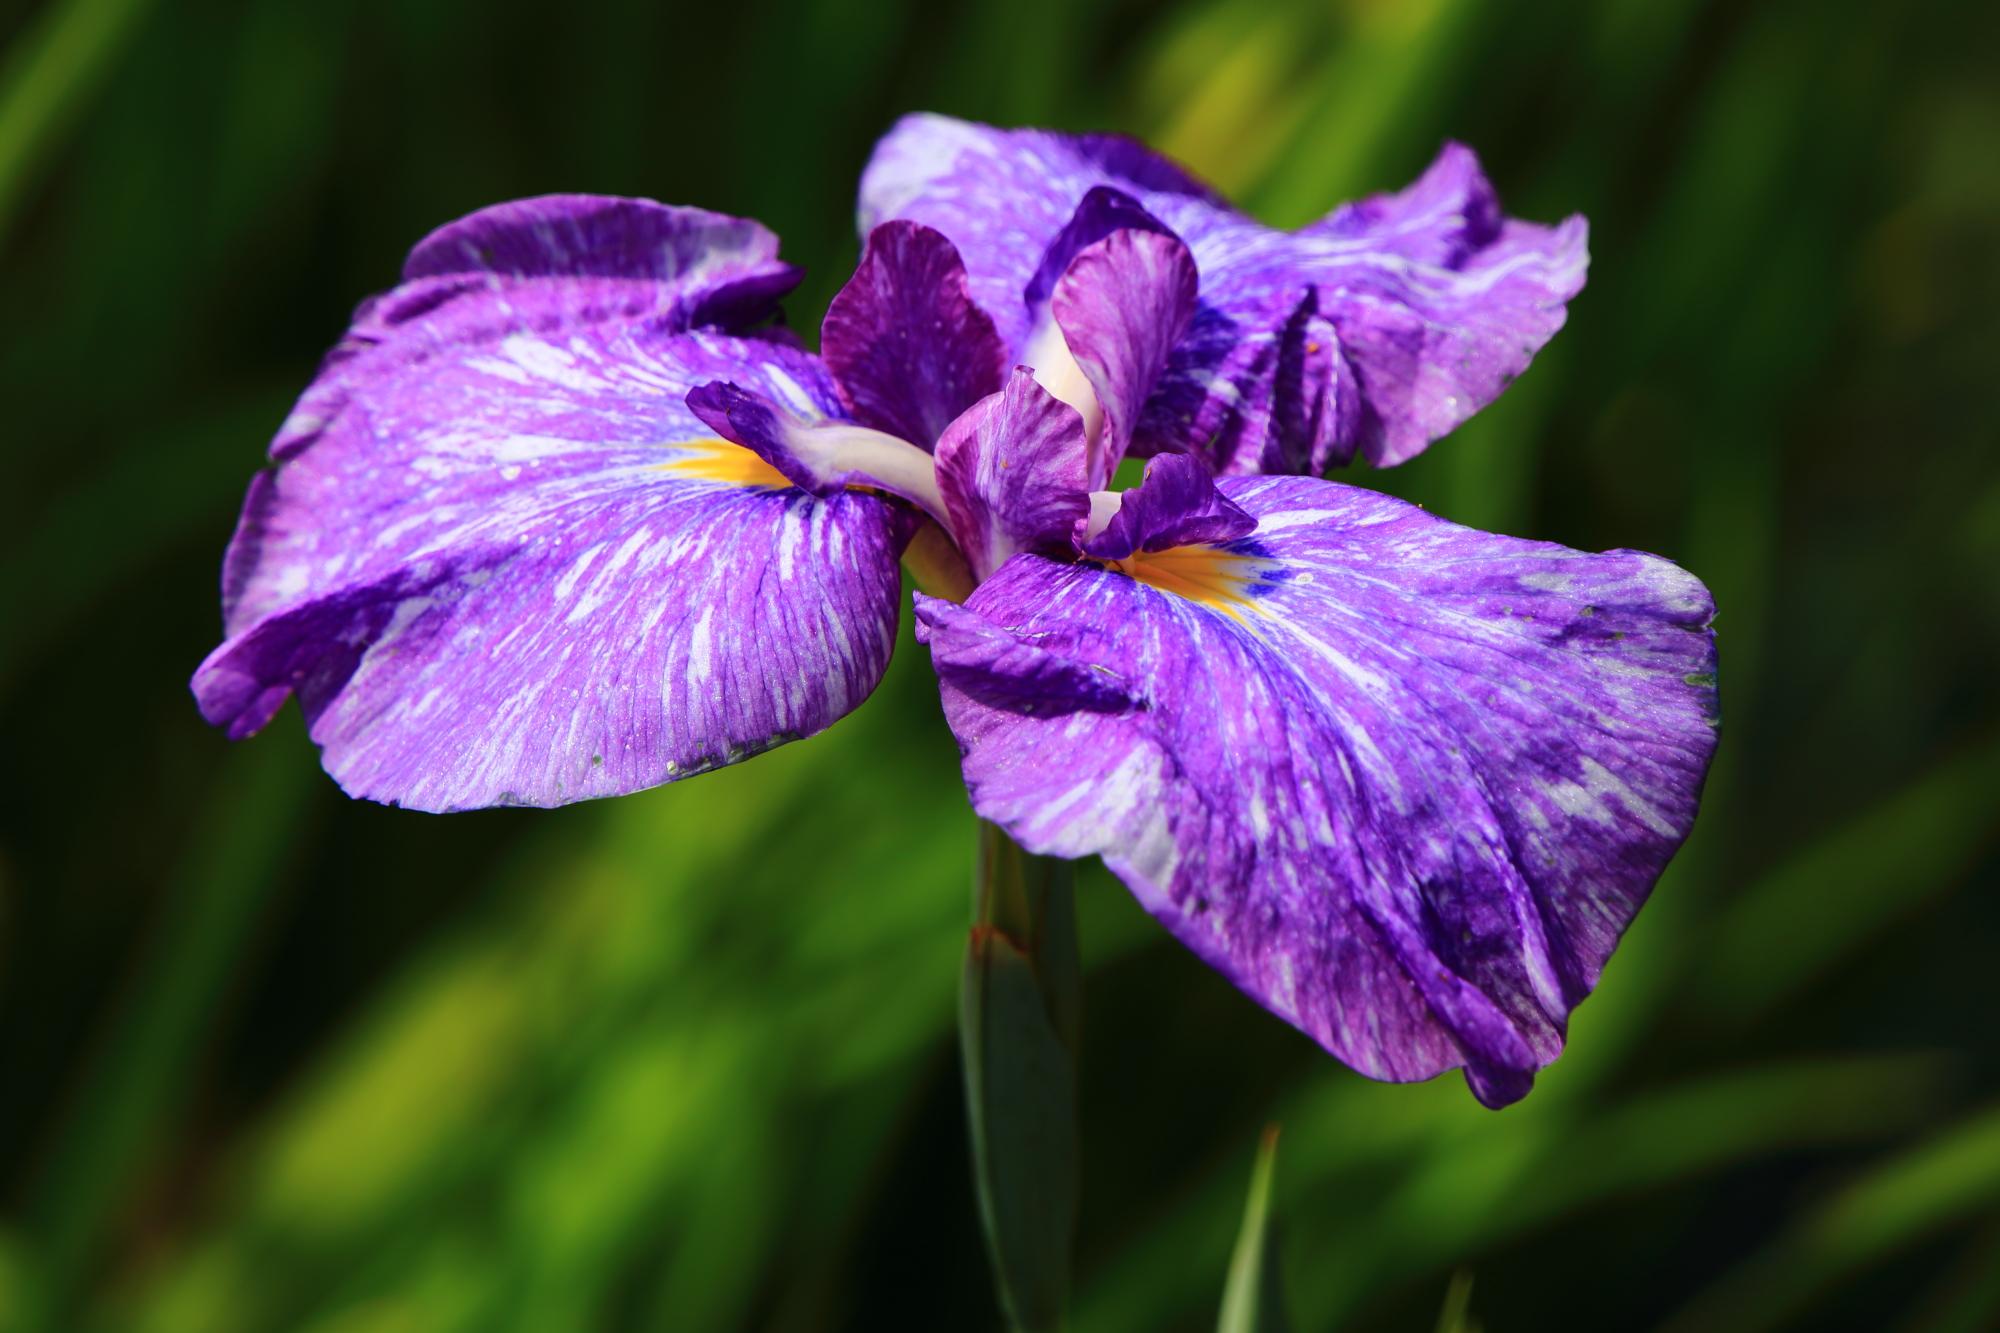 鮮やかな濃い紫色の花菖蒲